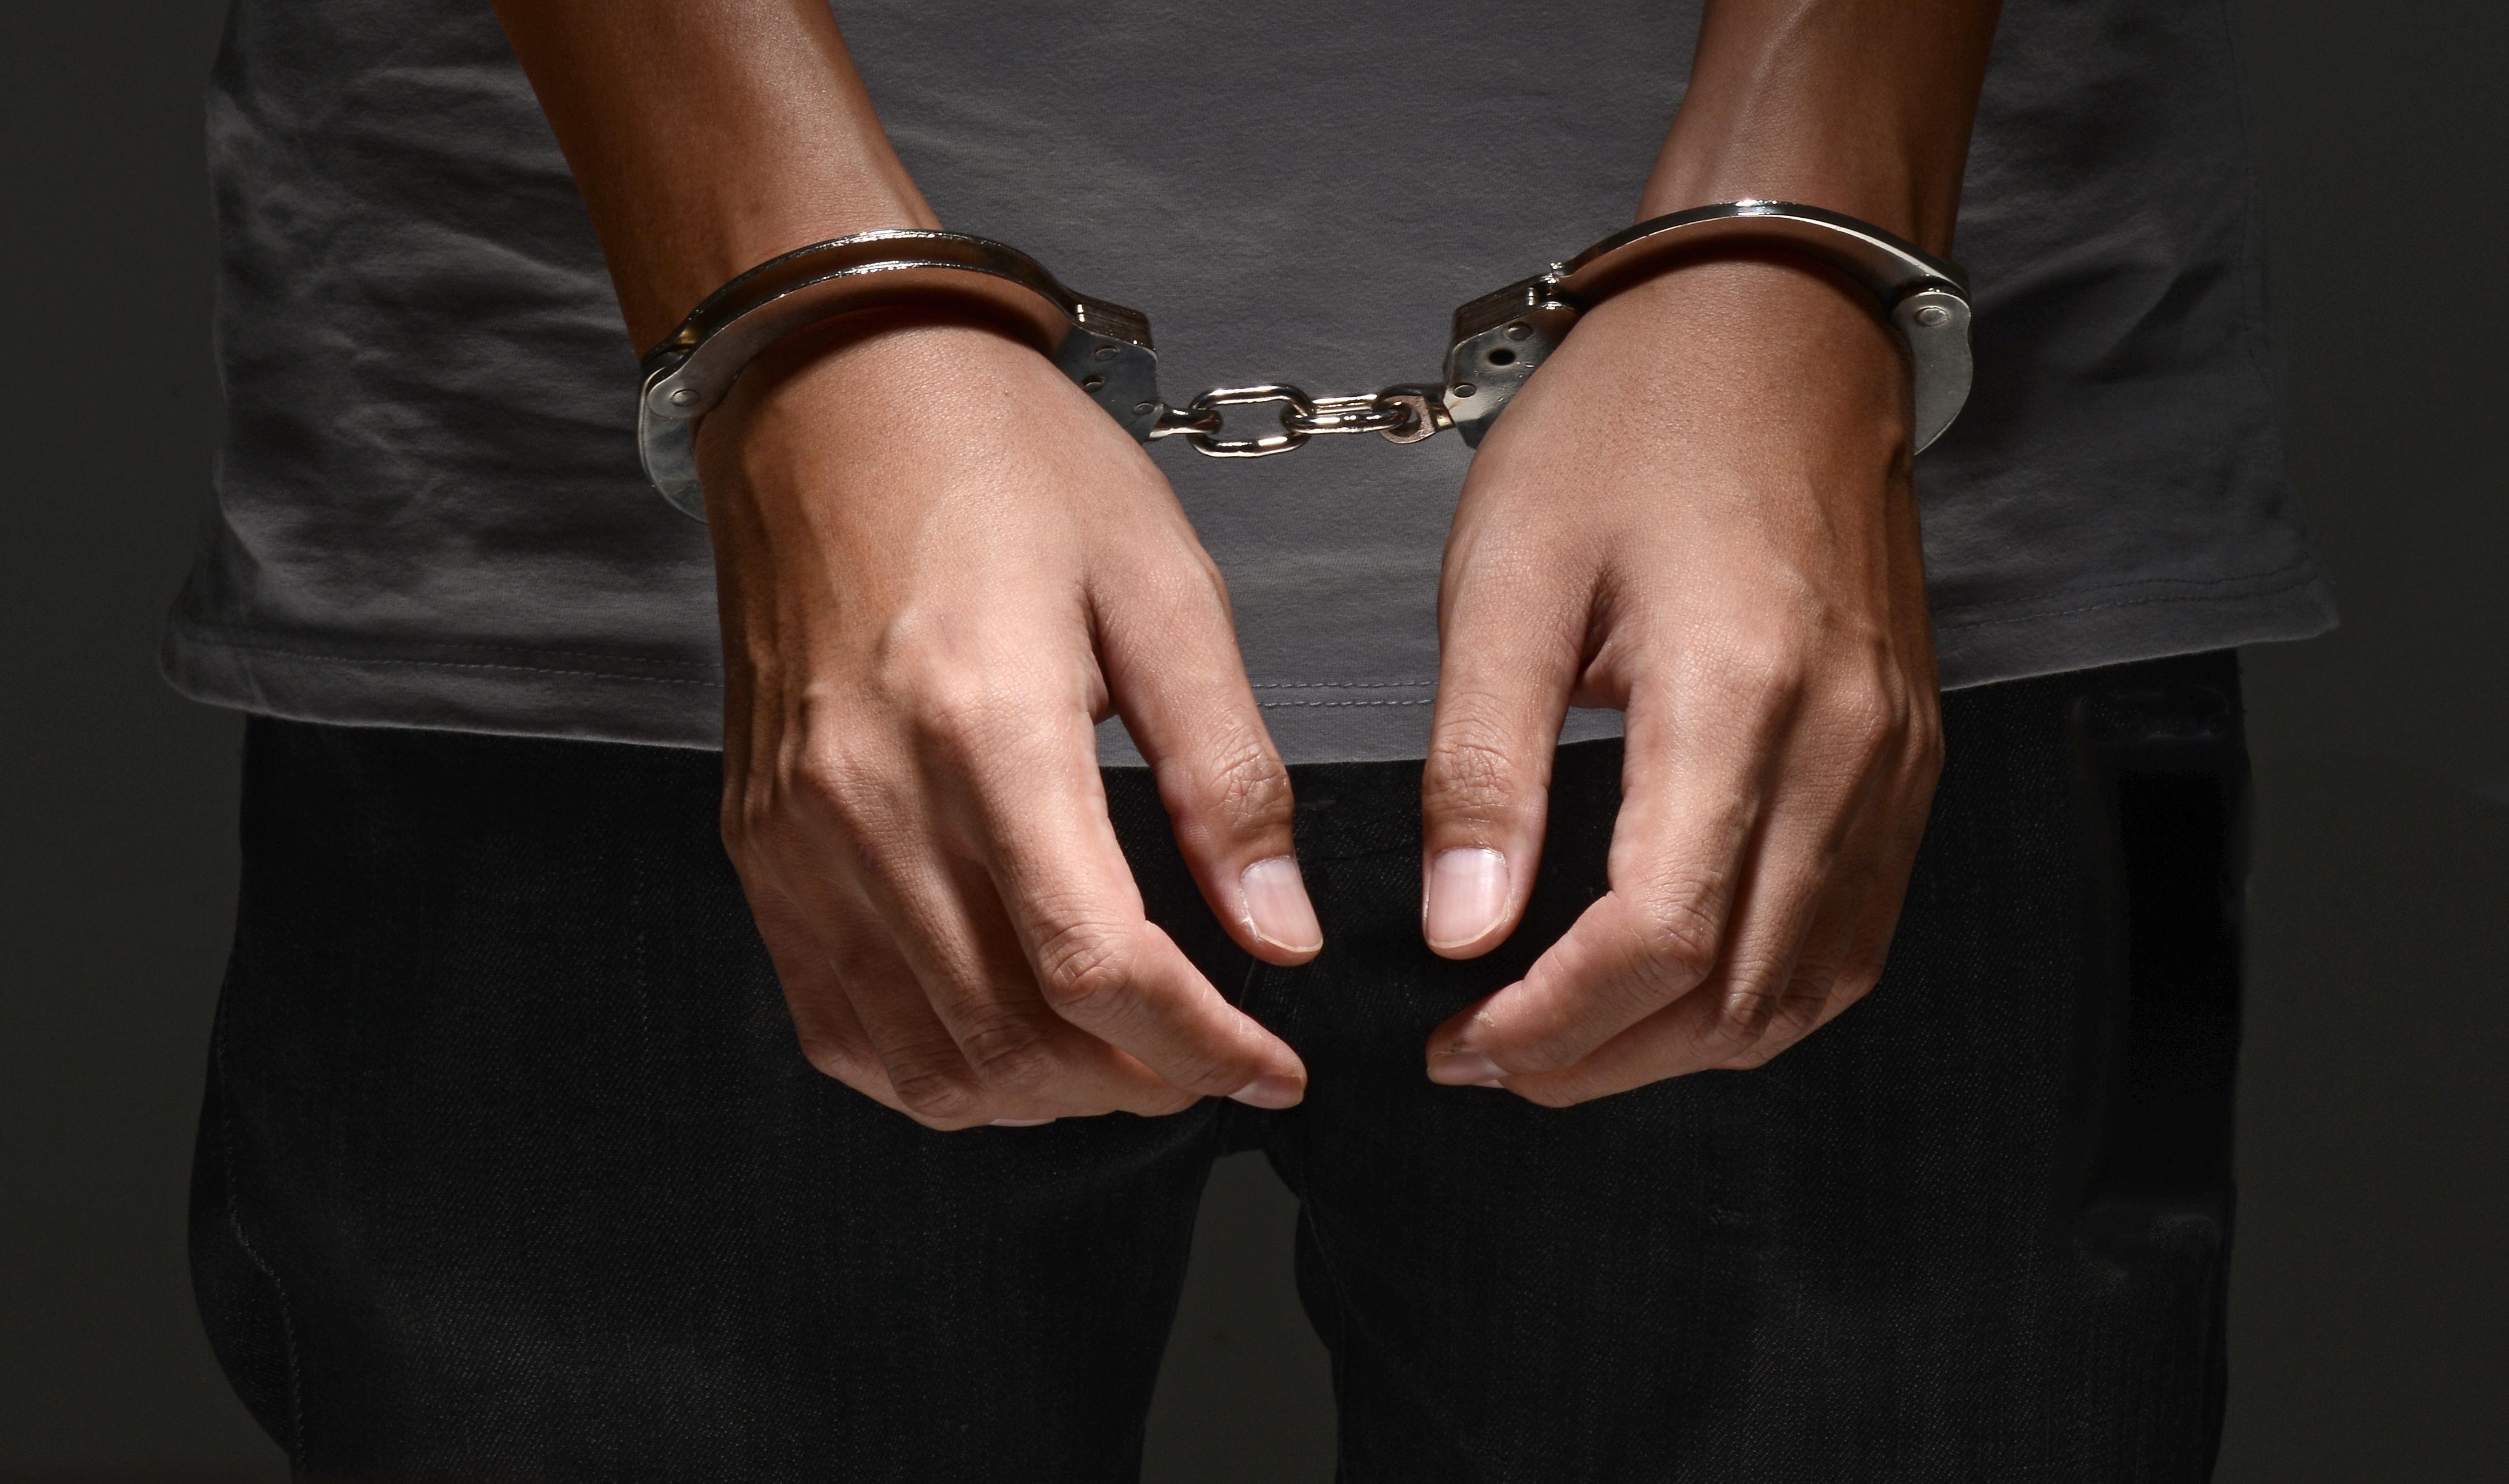 Arrestation d'un individu soupçonné d'implication dans une affaire de coups et blessures à l'arme blanche